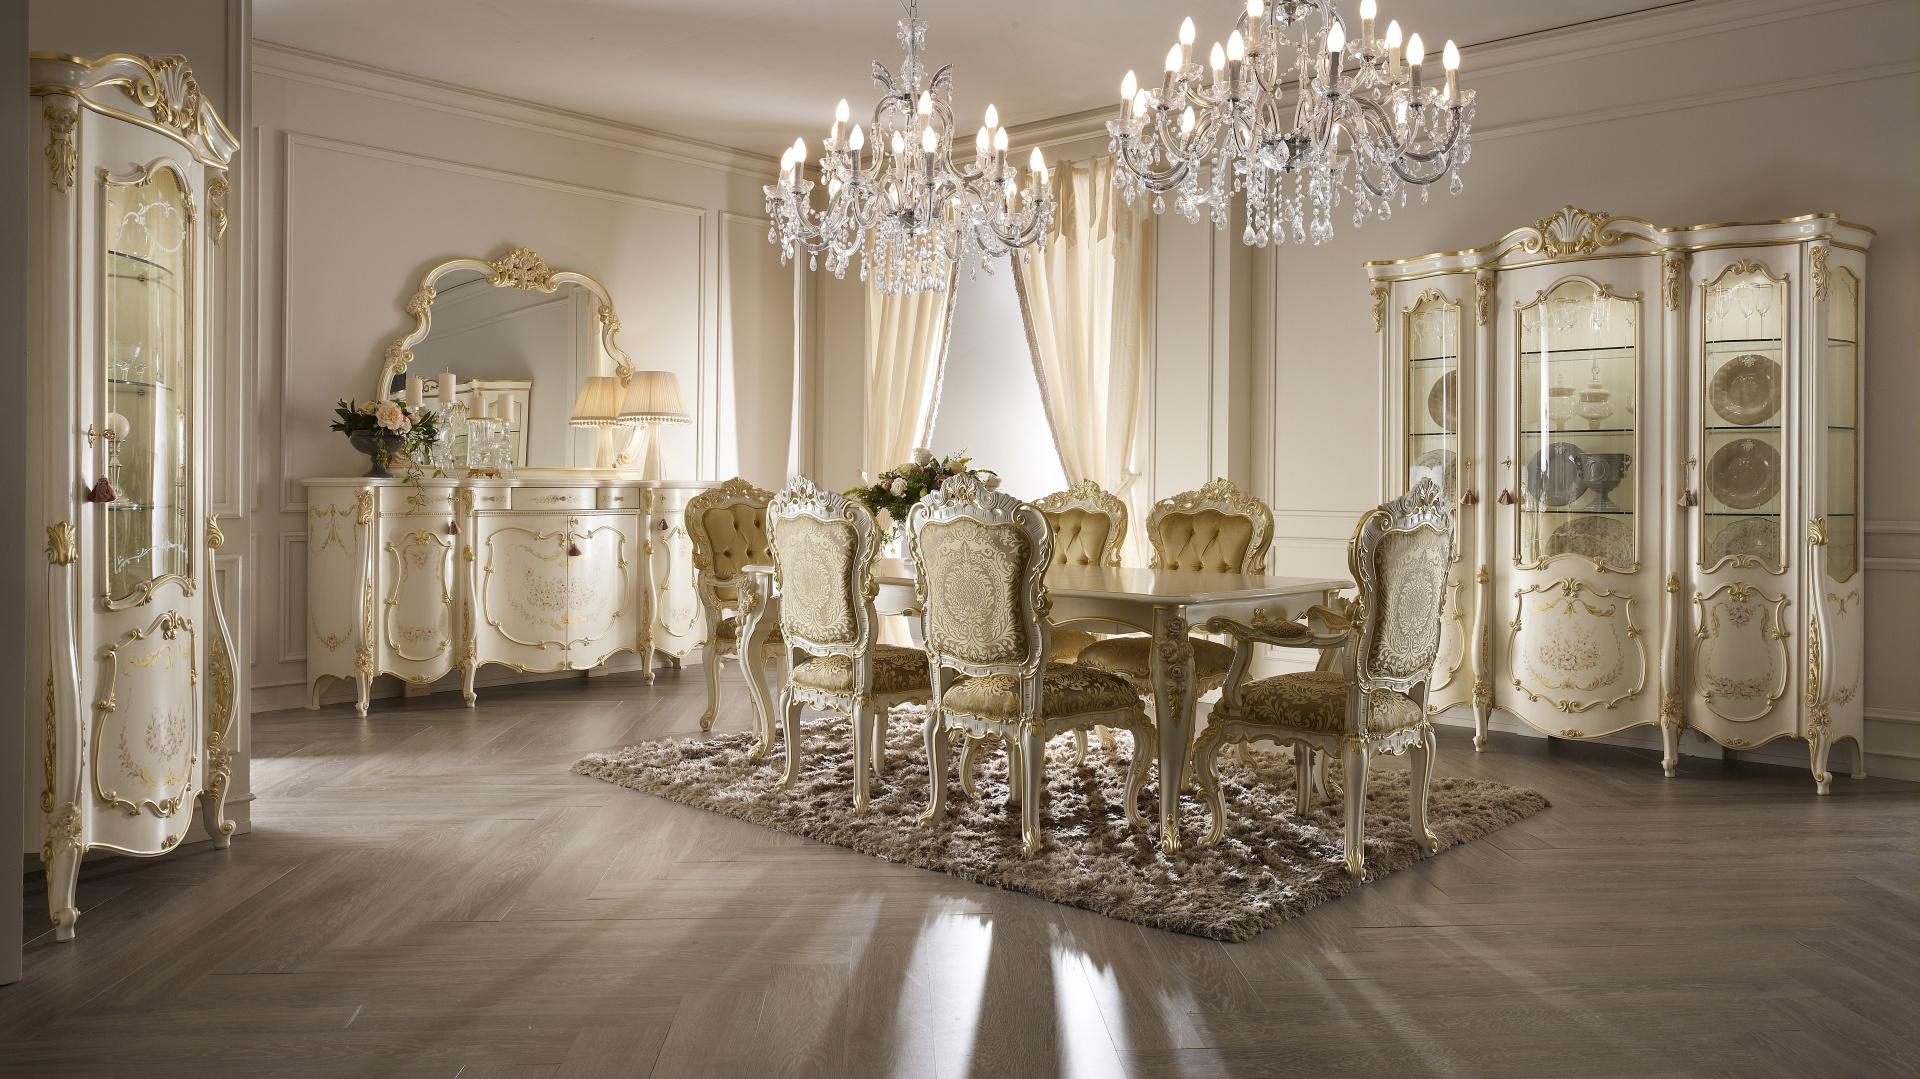 Meble do jadalni z kolekcji Monnalisa Day firmy Ghezzani. Projekt: Ettore Tinagli. Bogato zdobiona kolekcja idealnie zaprezentuje się w dużym, przestronnym wnętrzu. Złoto i kremowa kolorystyka nadadzą jadalni iście królewski klimat.